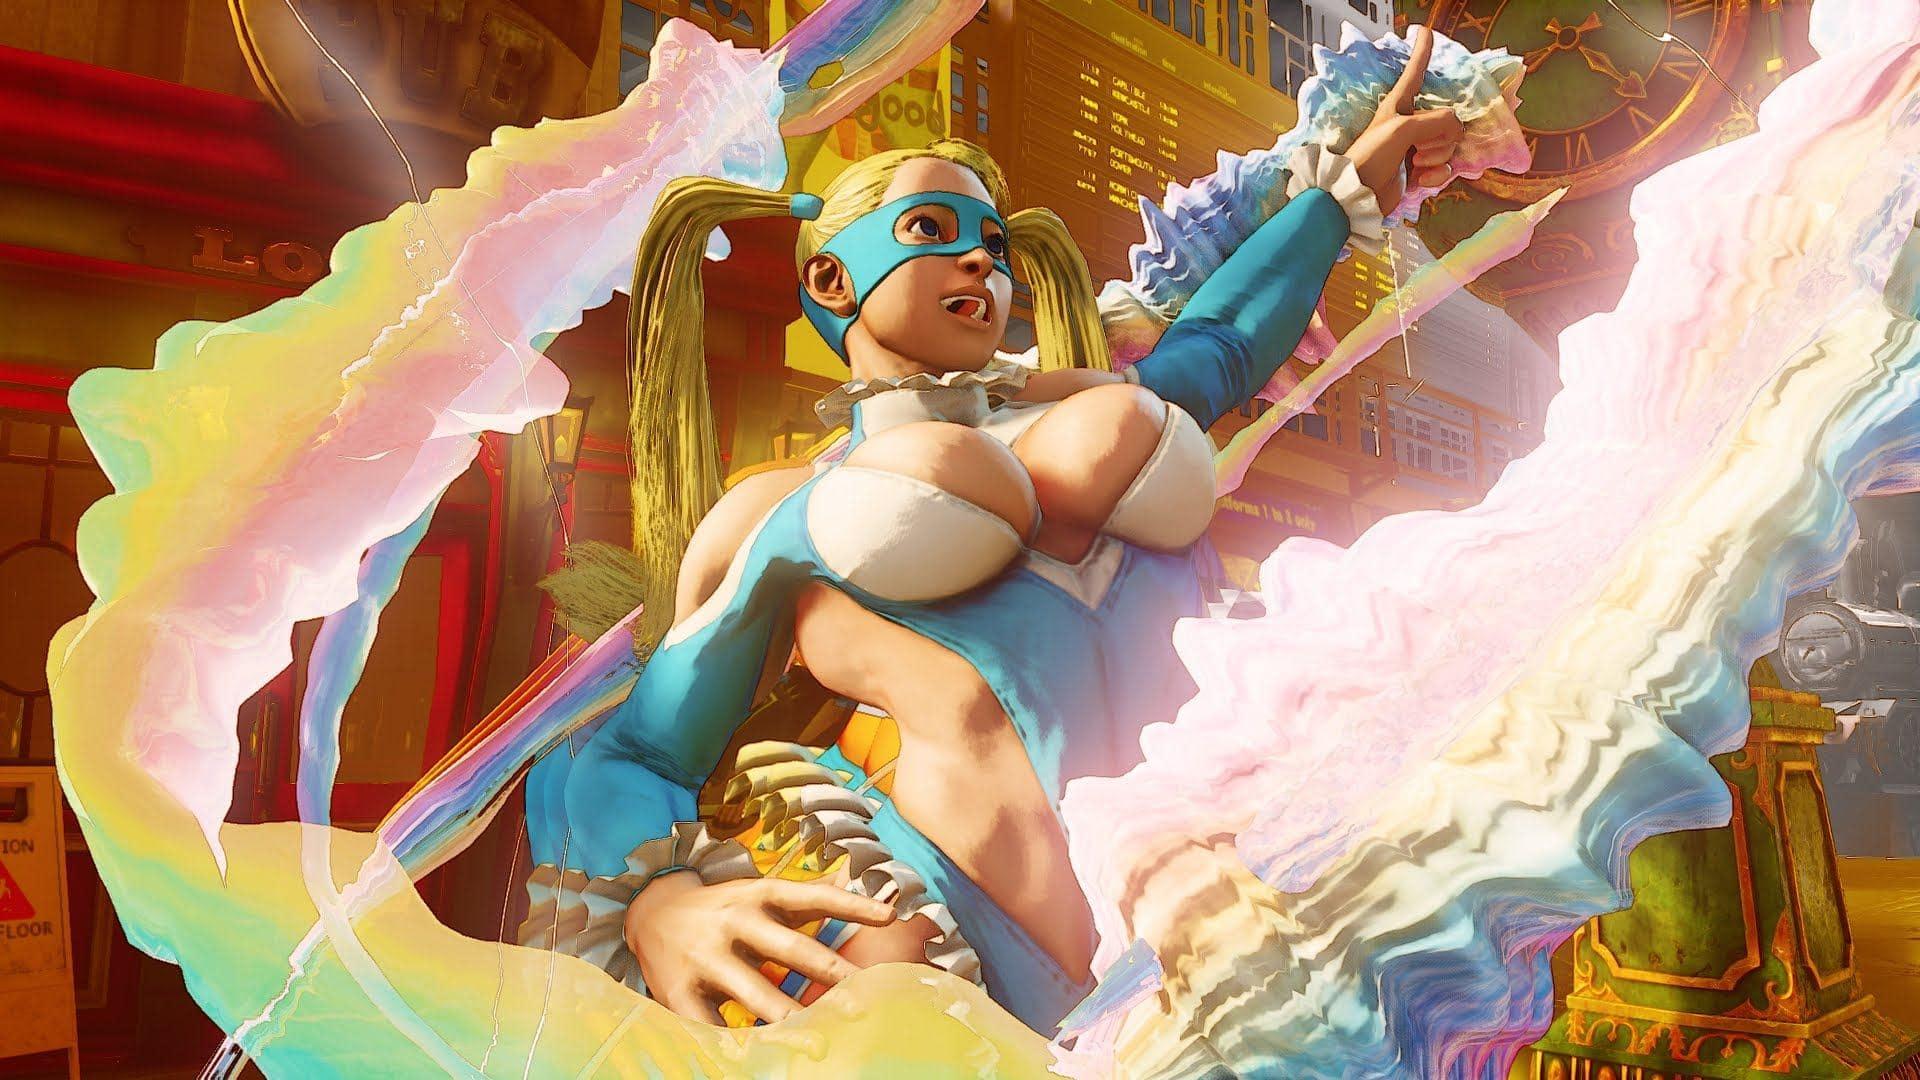 Neuer Street Fighter V Trailer mit Mika – fast so lecker wie Milka-Schokolade…